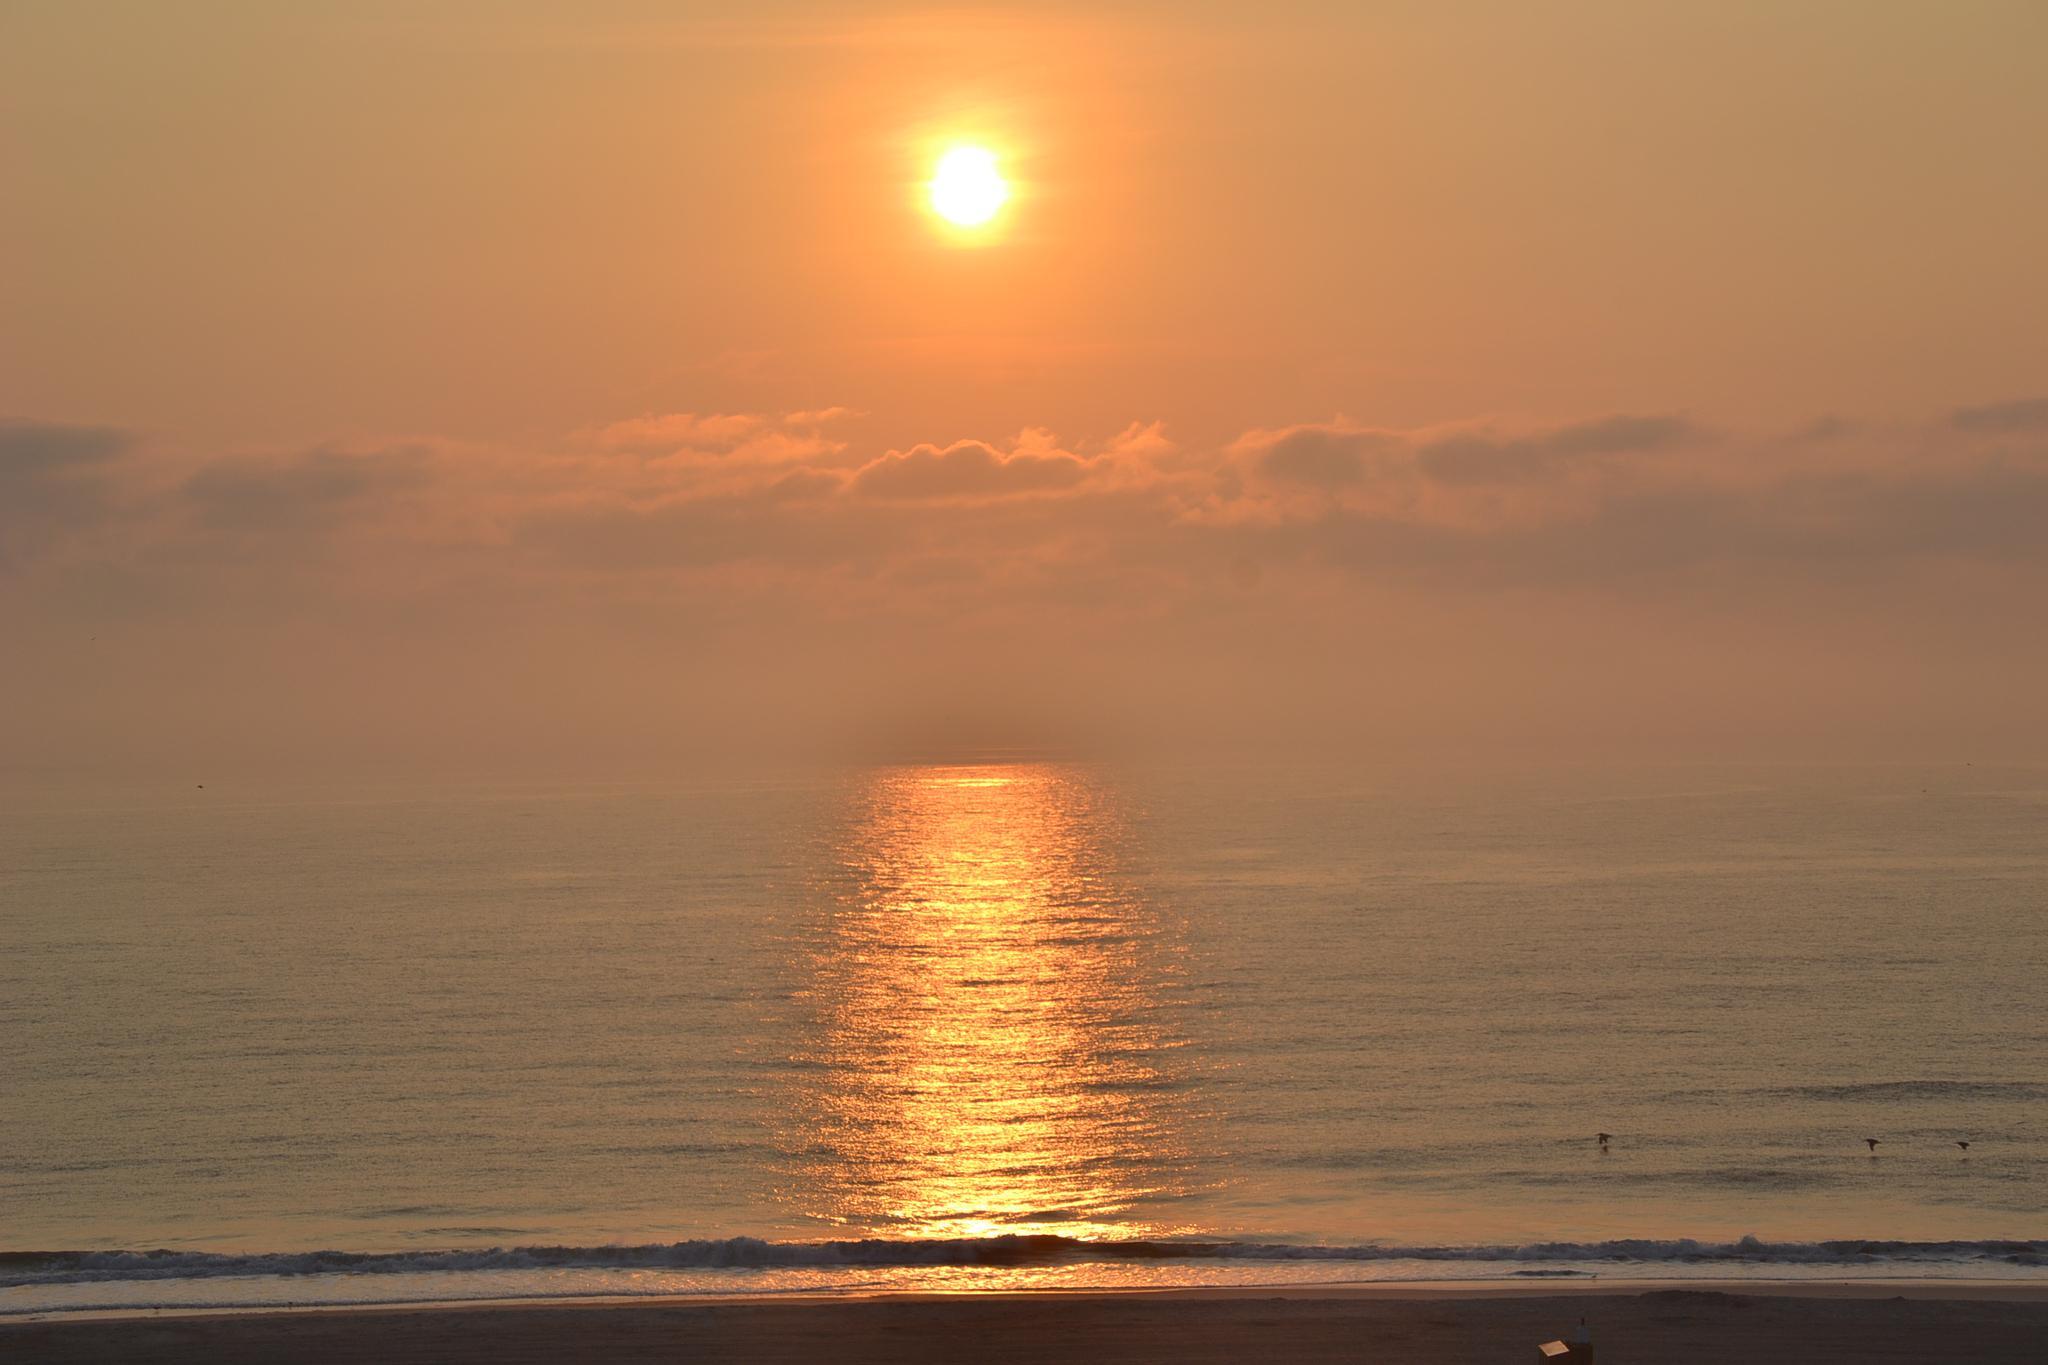 Sunrise on Amelia Island, FL by epj1954